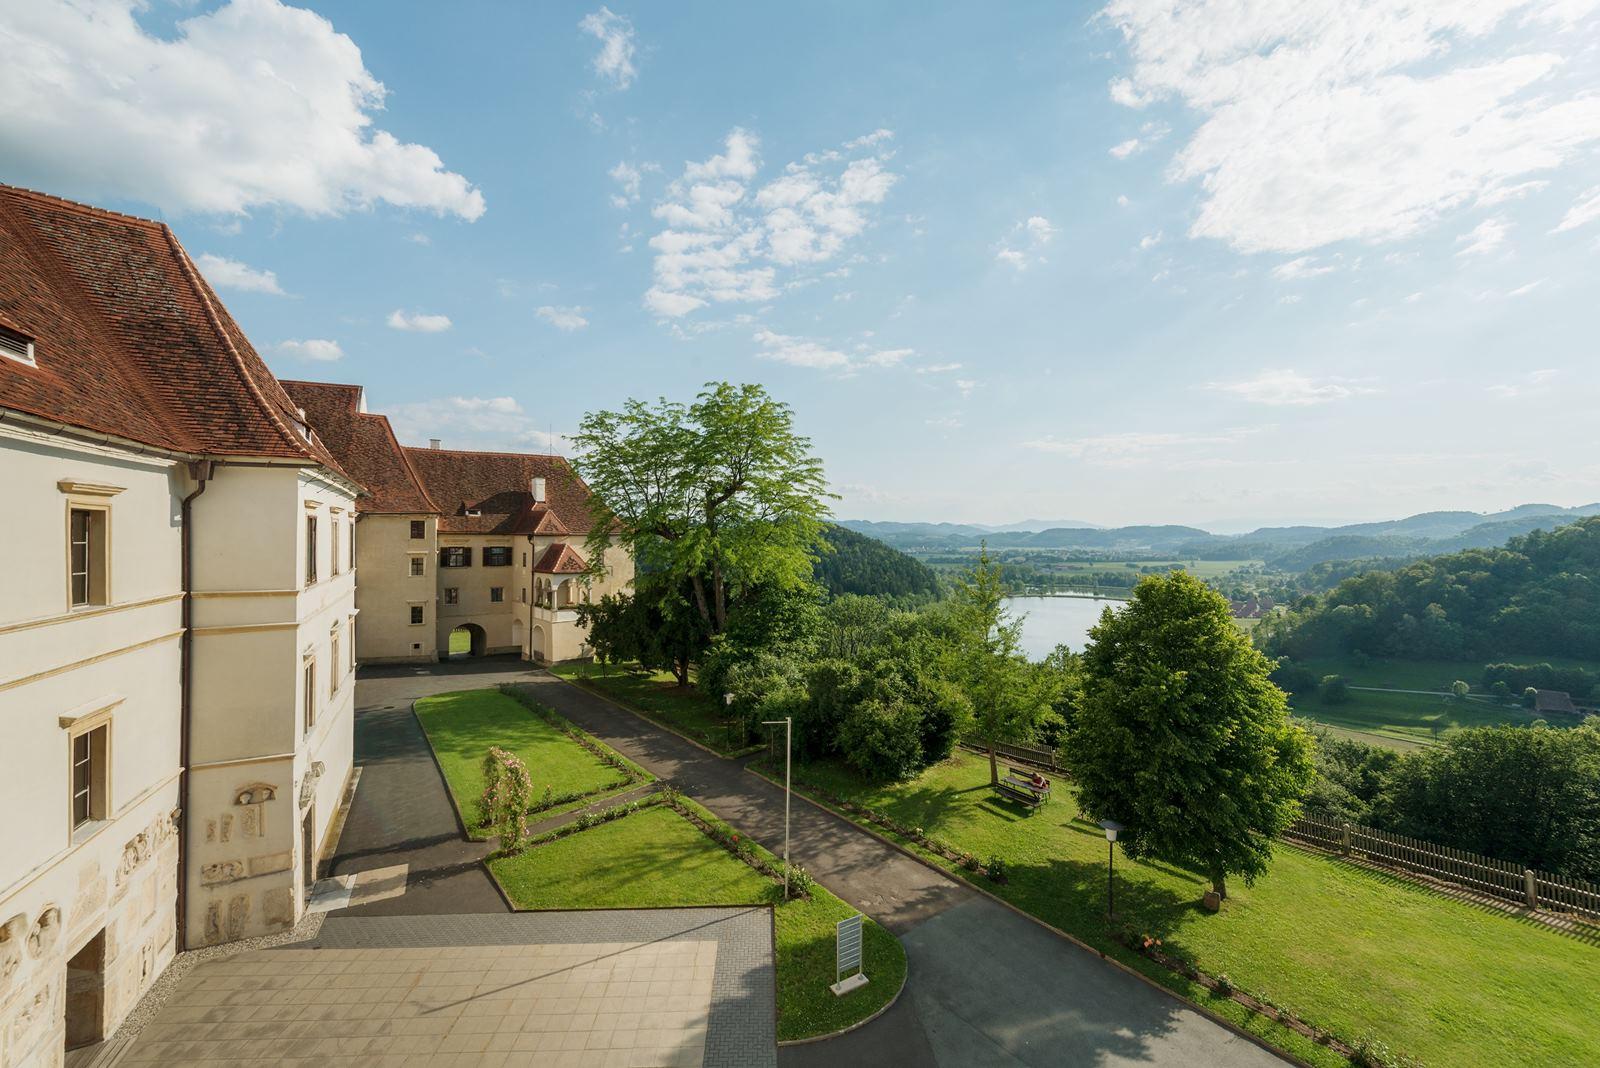 Oberschloss SchlossSeggau Copyright Stefan Kristoferitsch